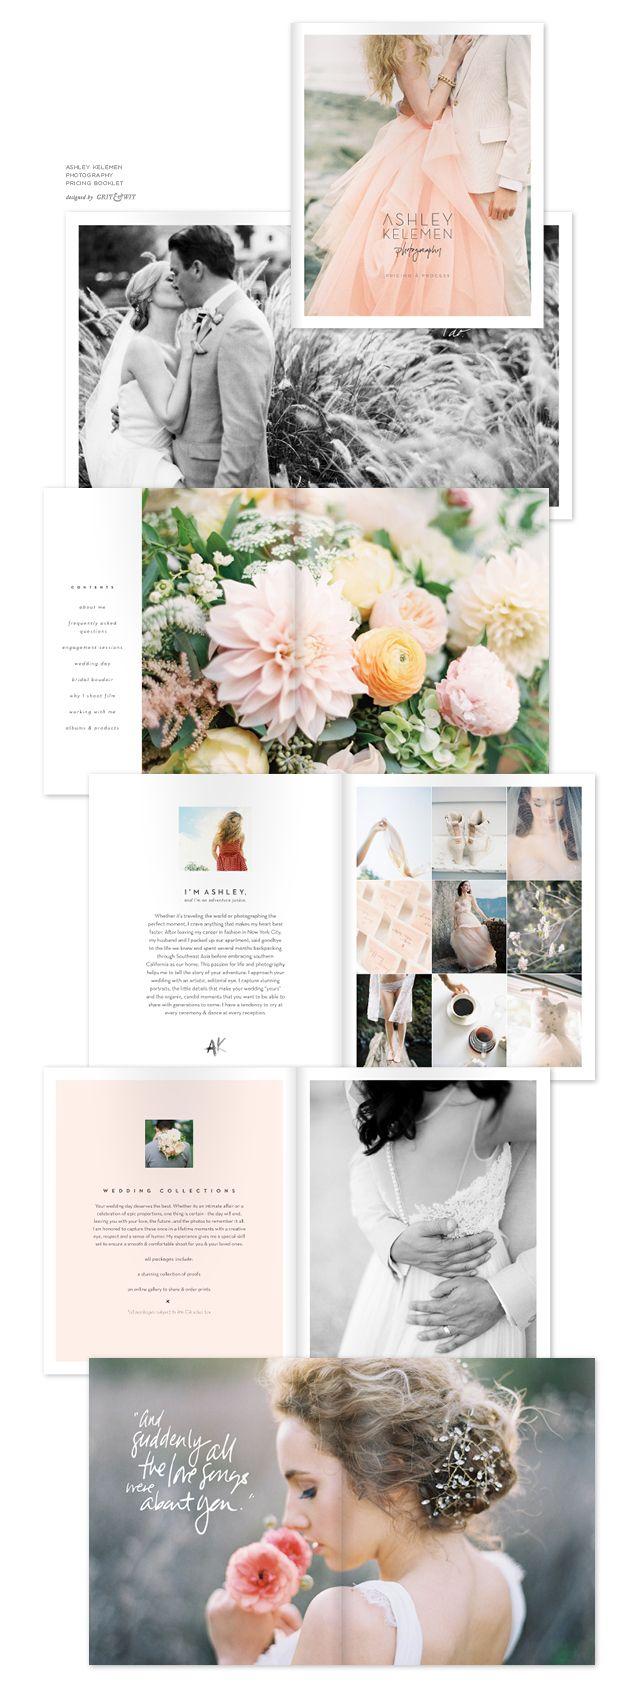 Ashley Kelemen Pricing Booklet // designed by Grit & Wit